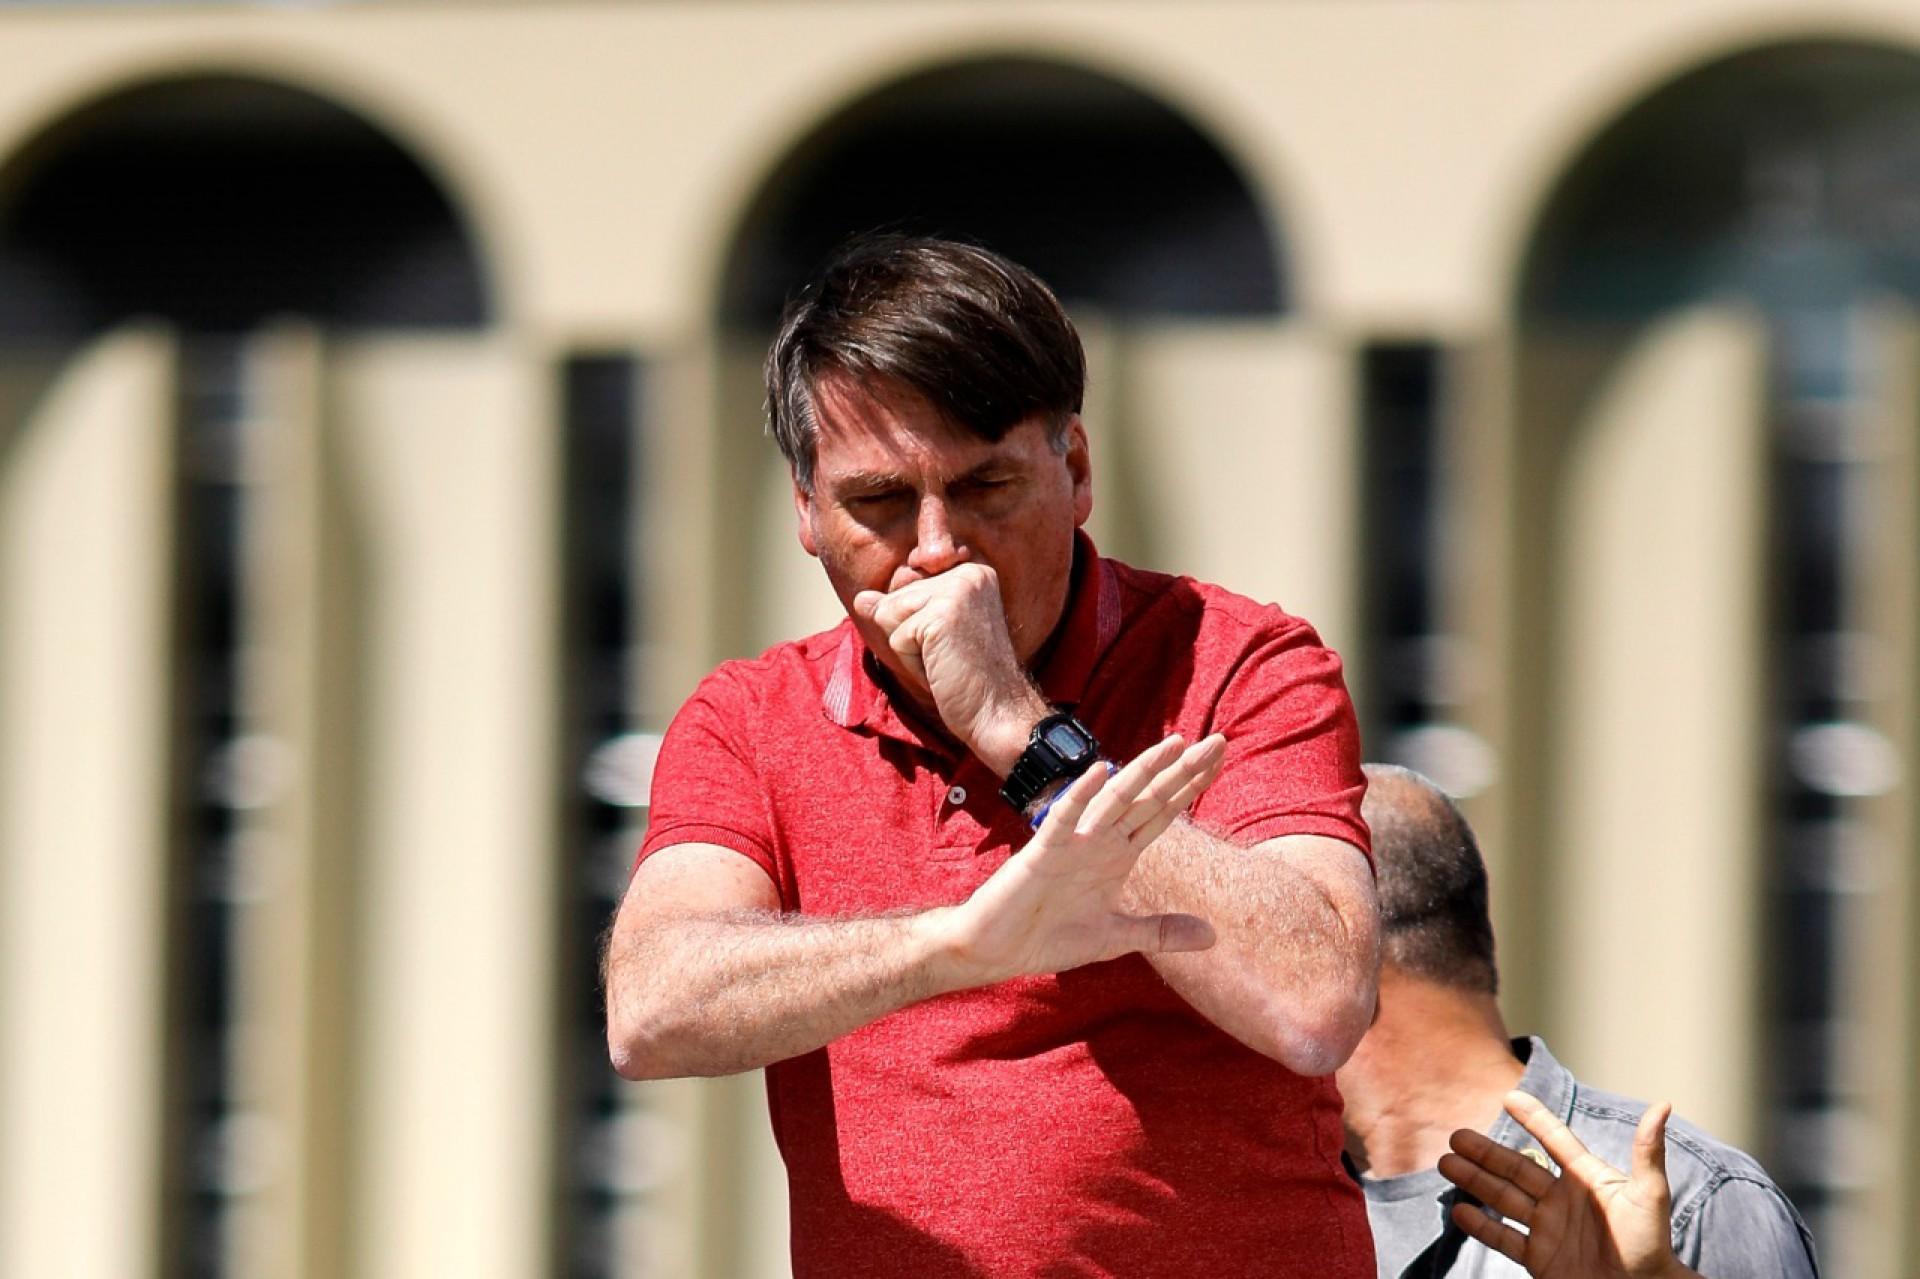 Bolsonaro afirmou estar imune à Covid-19 por já ter contraído a doença; fala do presidente não condiz com a realidade (Foto: Sergio Lima/AFP)